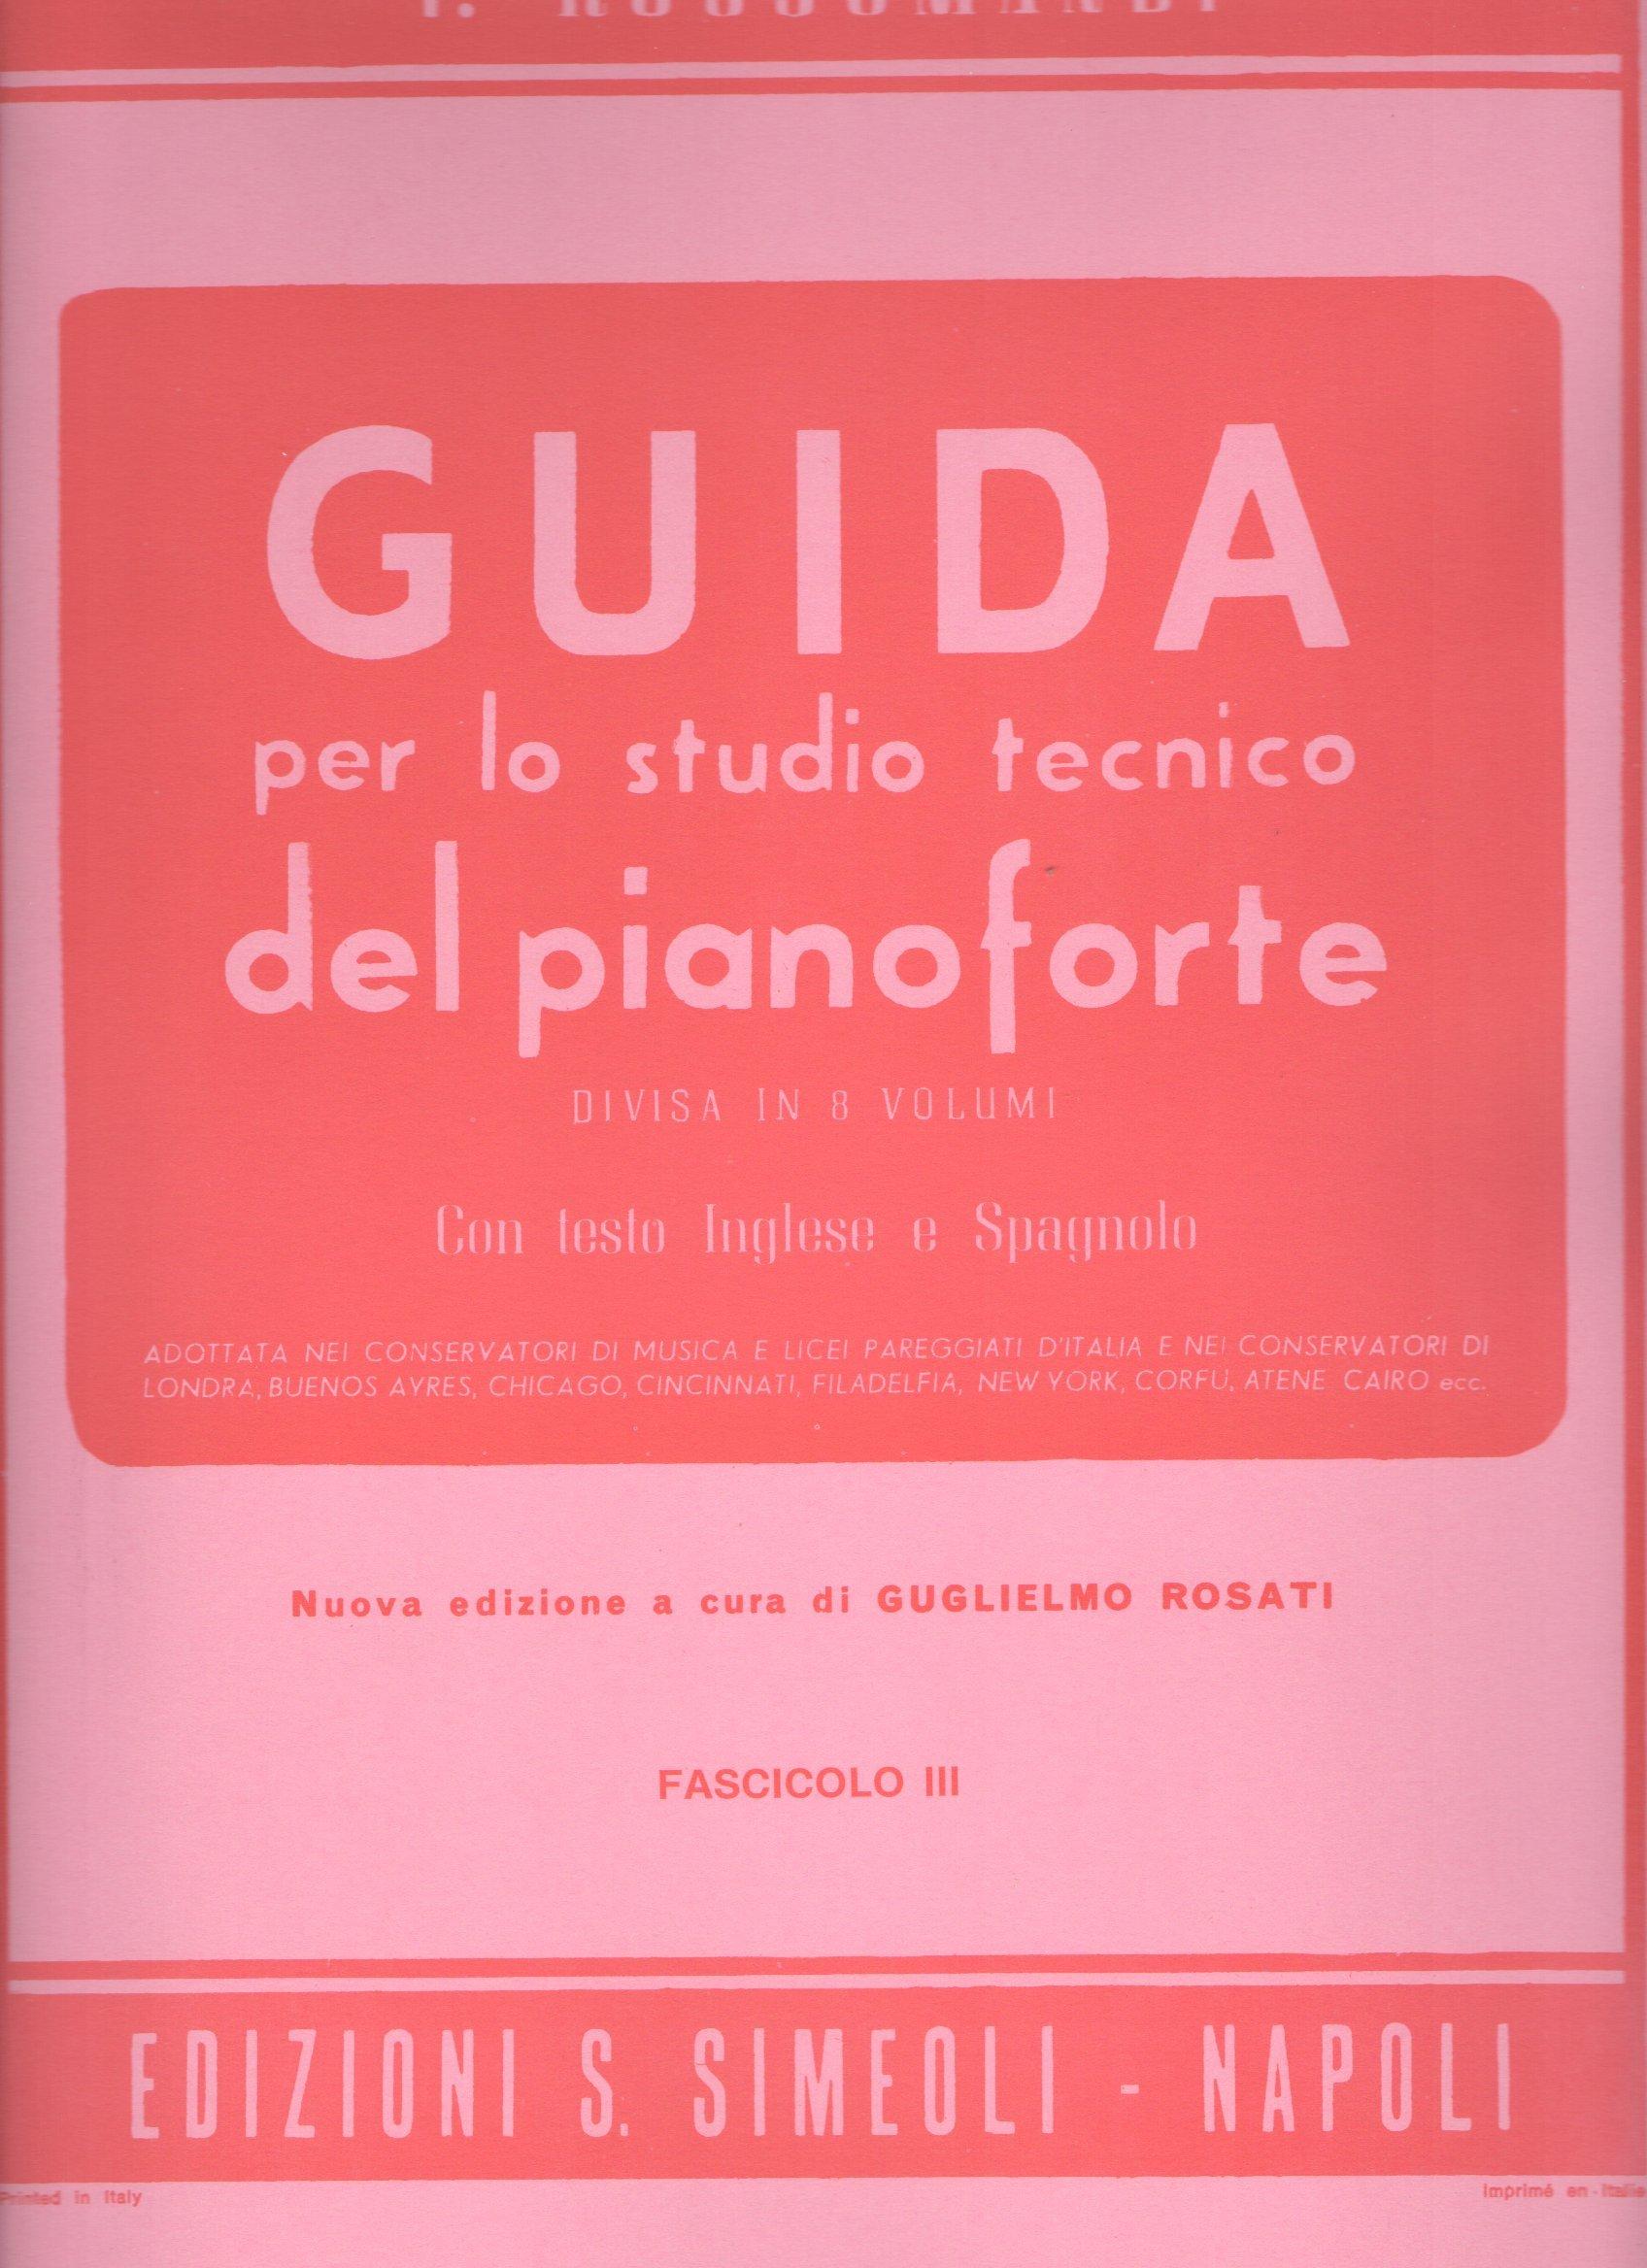 EDIZIONI S. SIMEOLI GUIDA PER LO STUDIO TECNICO DEL PIANOFORTE Fascicolo III - ROSSOMANDI